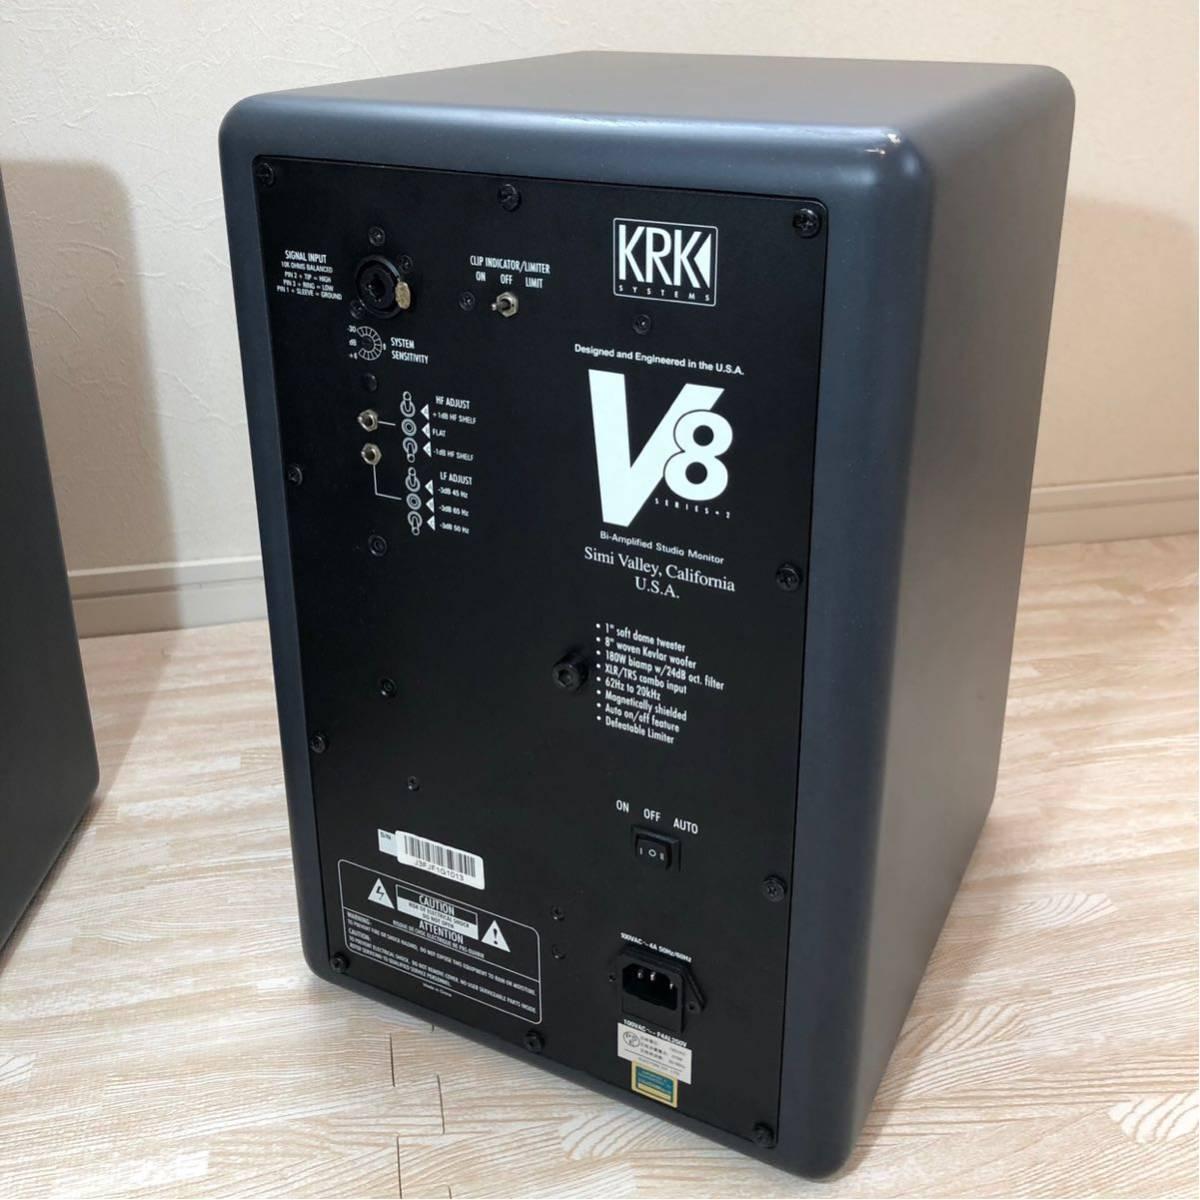 【送料込み&即発送】KRK V8 series 2 現行品ならペアで15万する本格 パワードスピーカー 検)YAMAHA ADAM_画像6